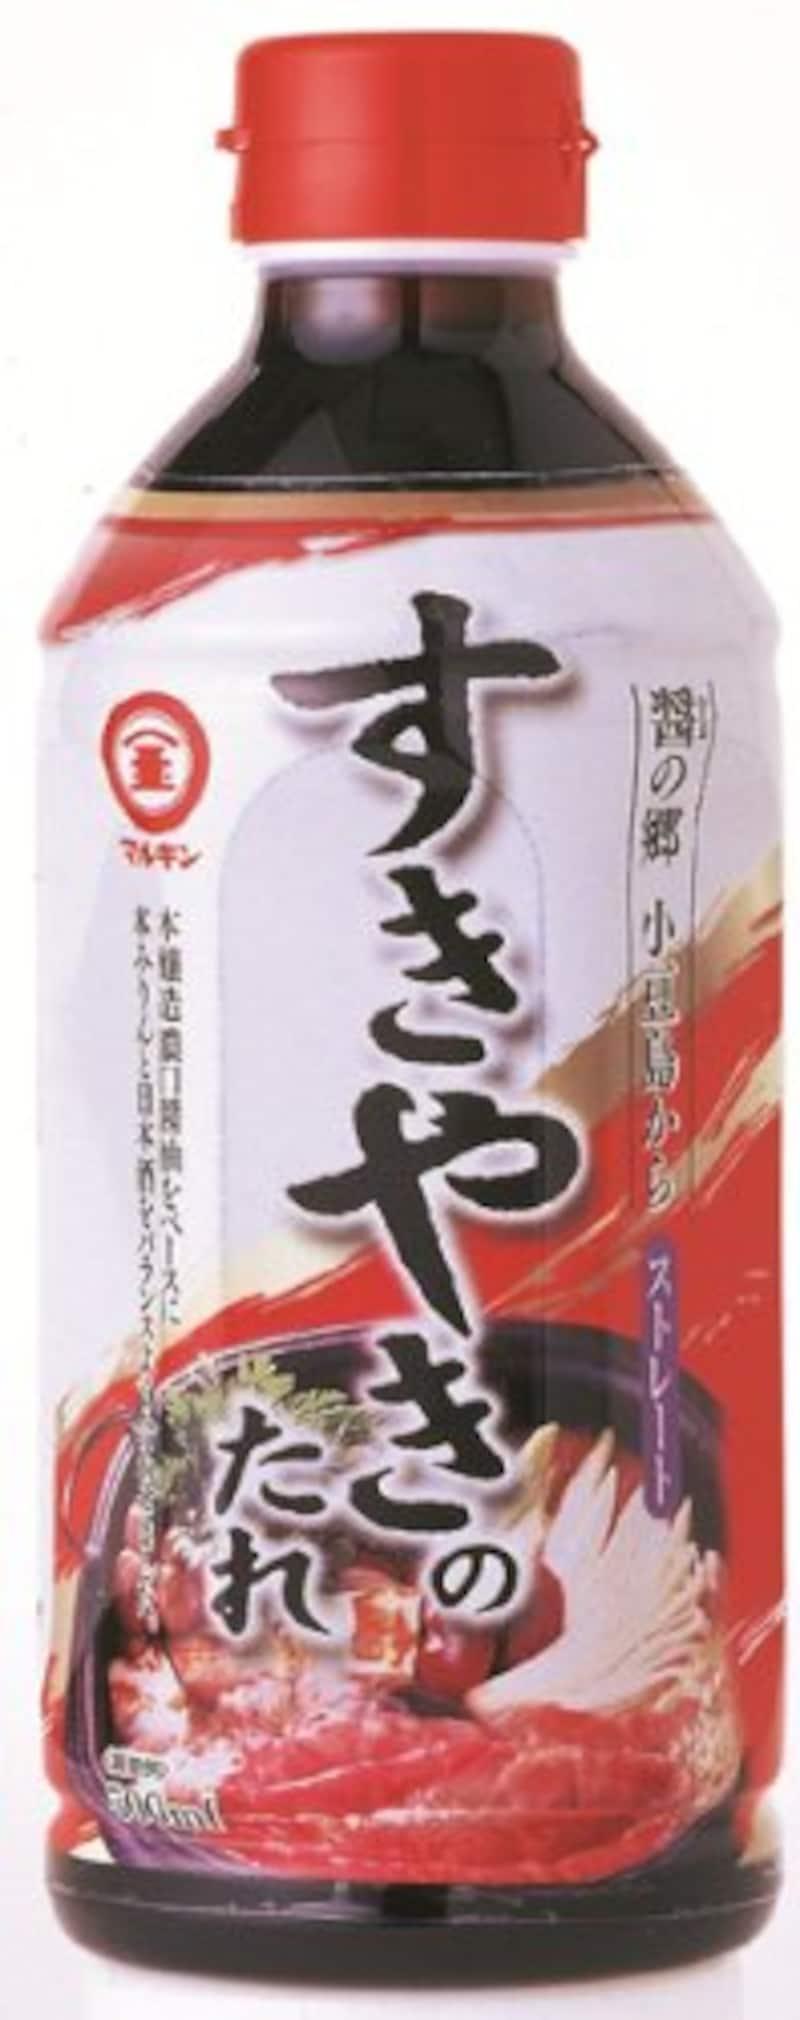 盛田,マルキン 醤の郷 小豆島からすきやきのたれ